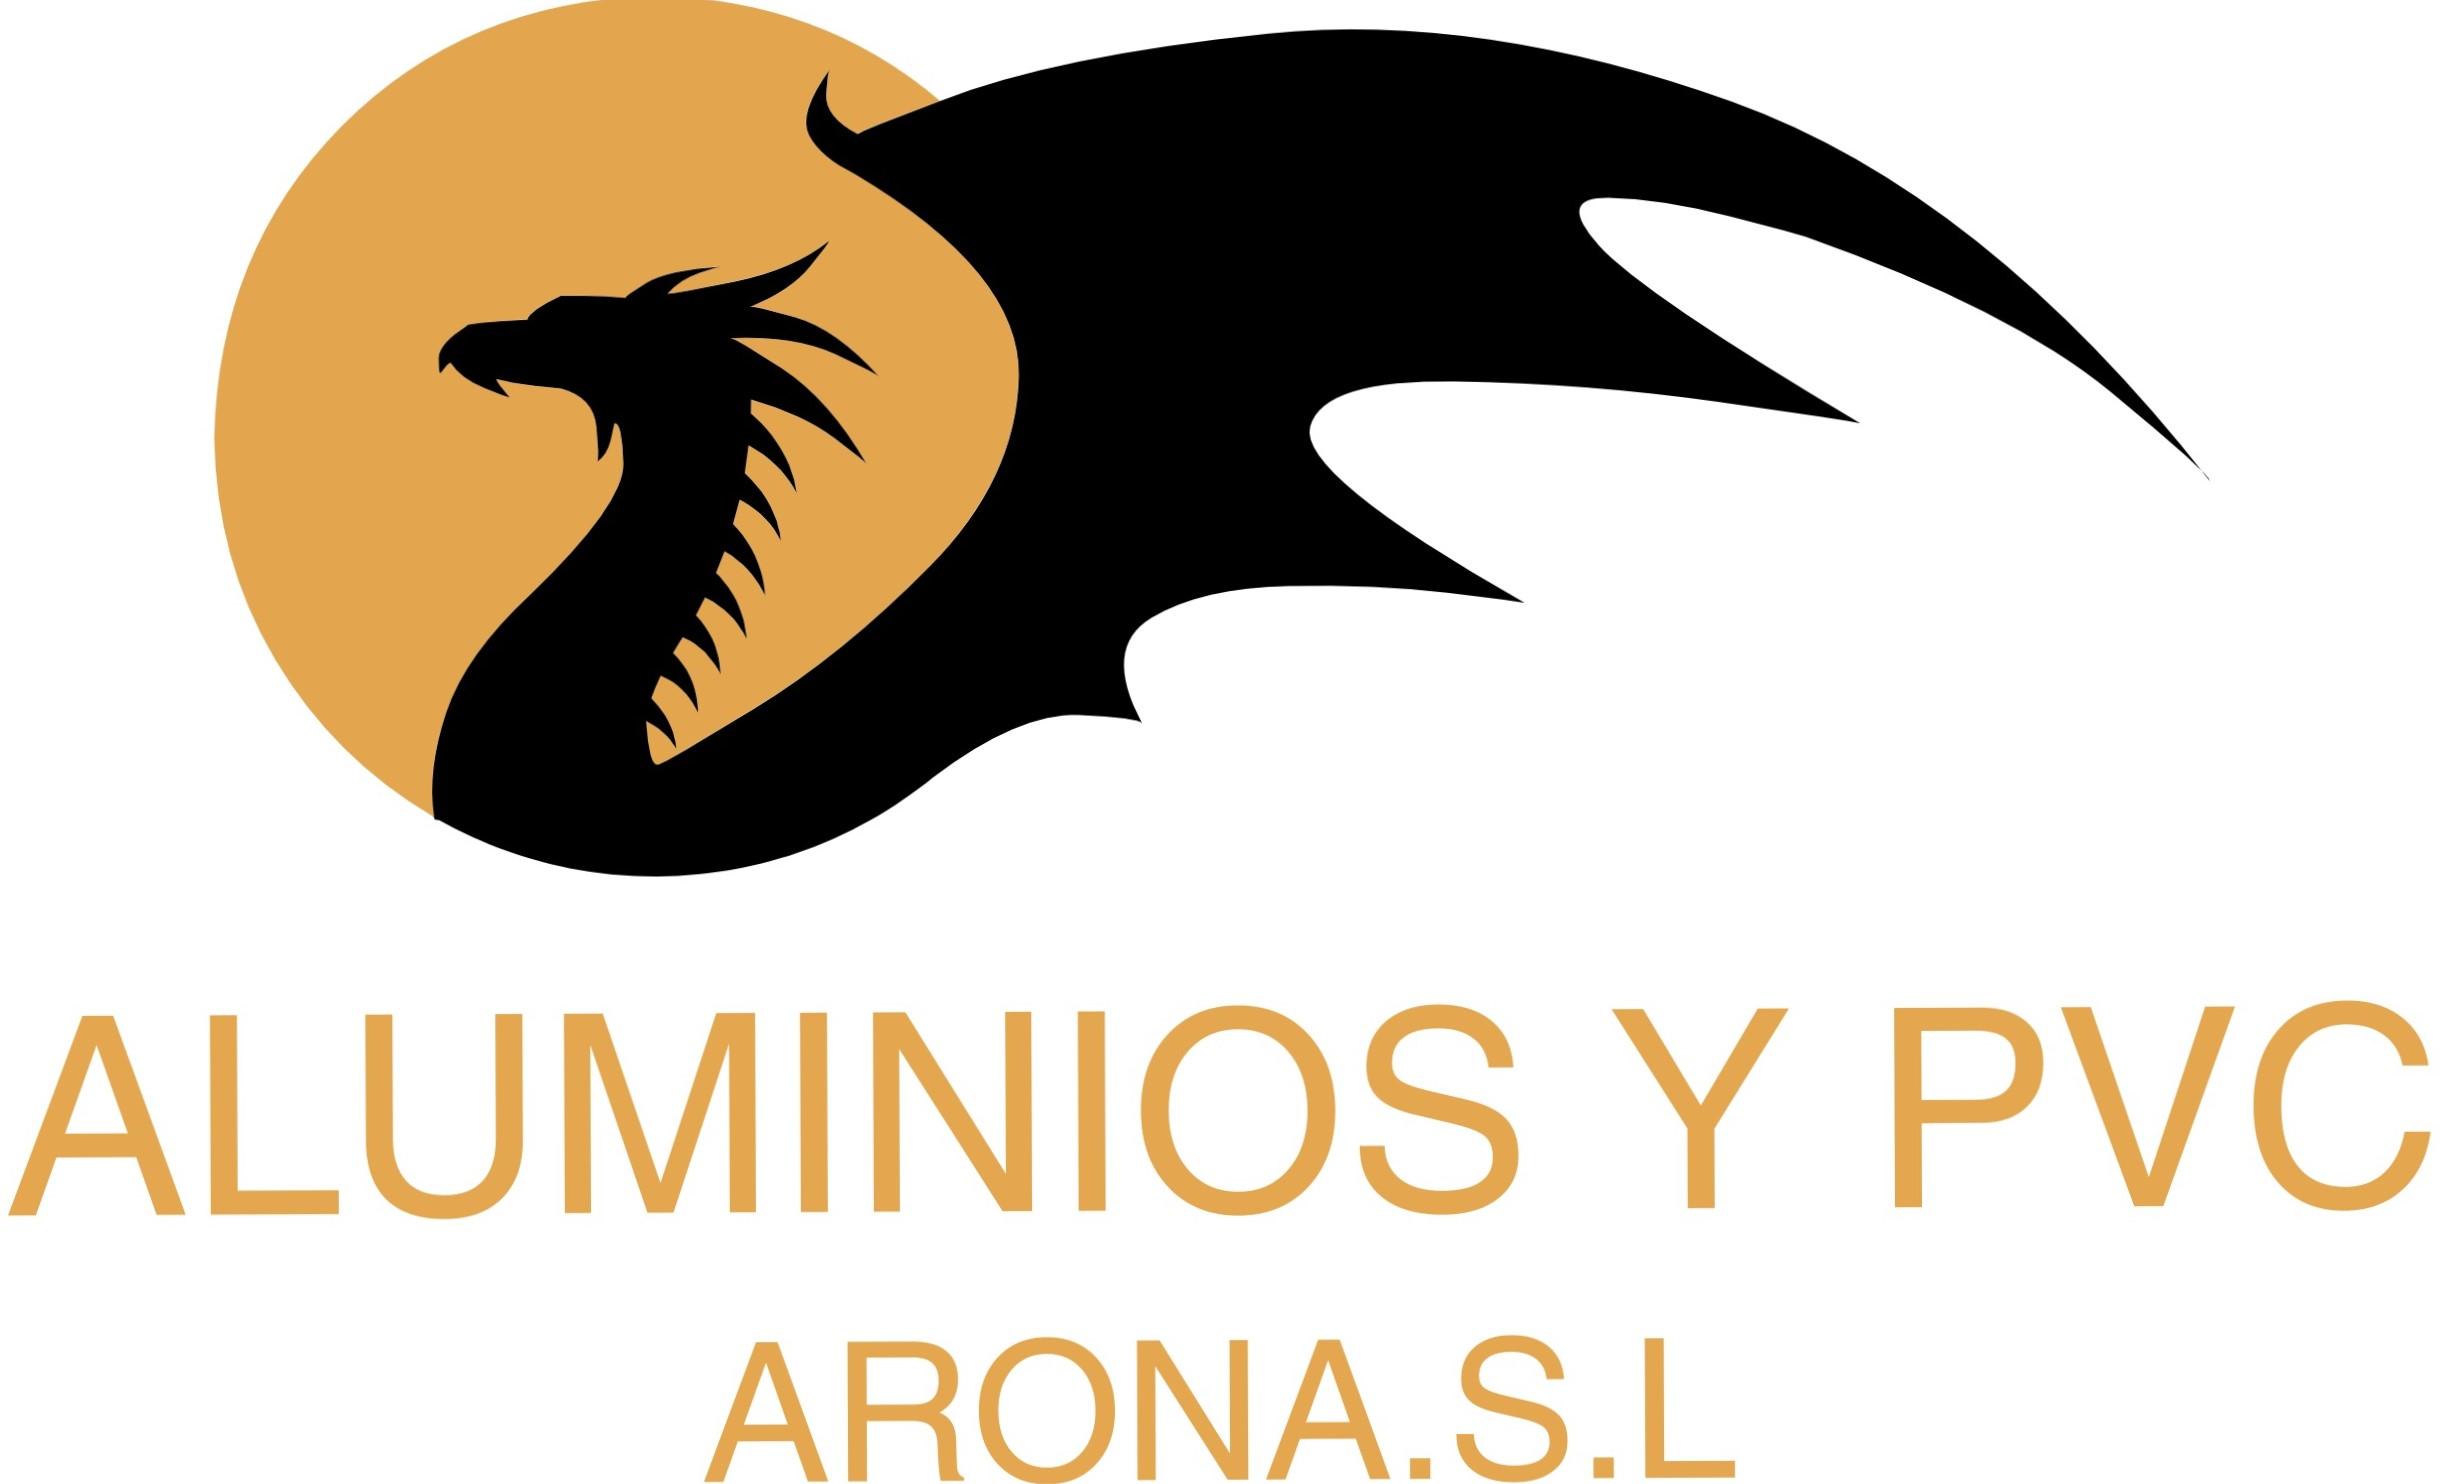 Aluminios Y Pvc Arona